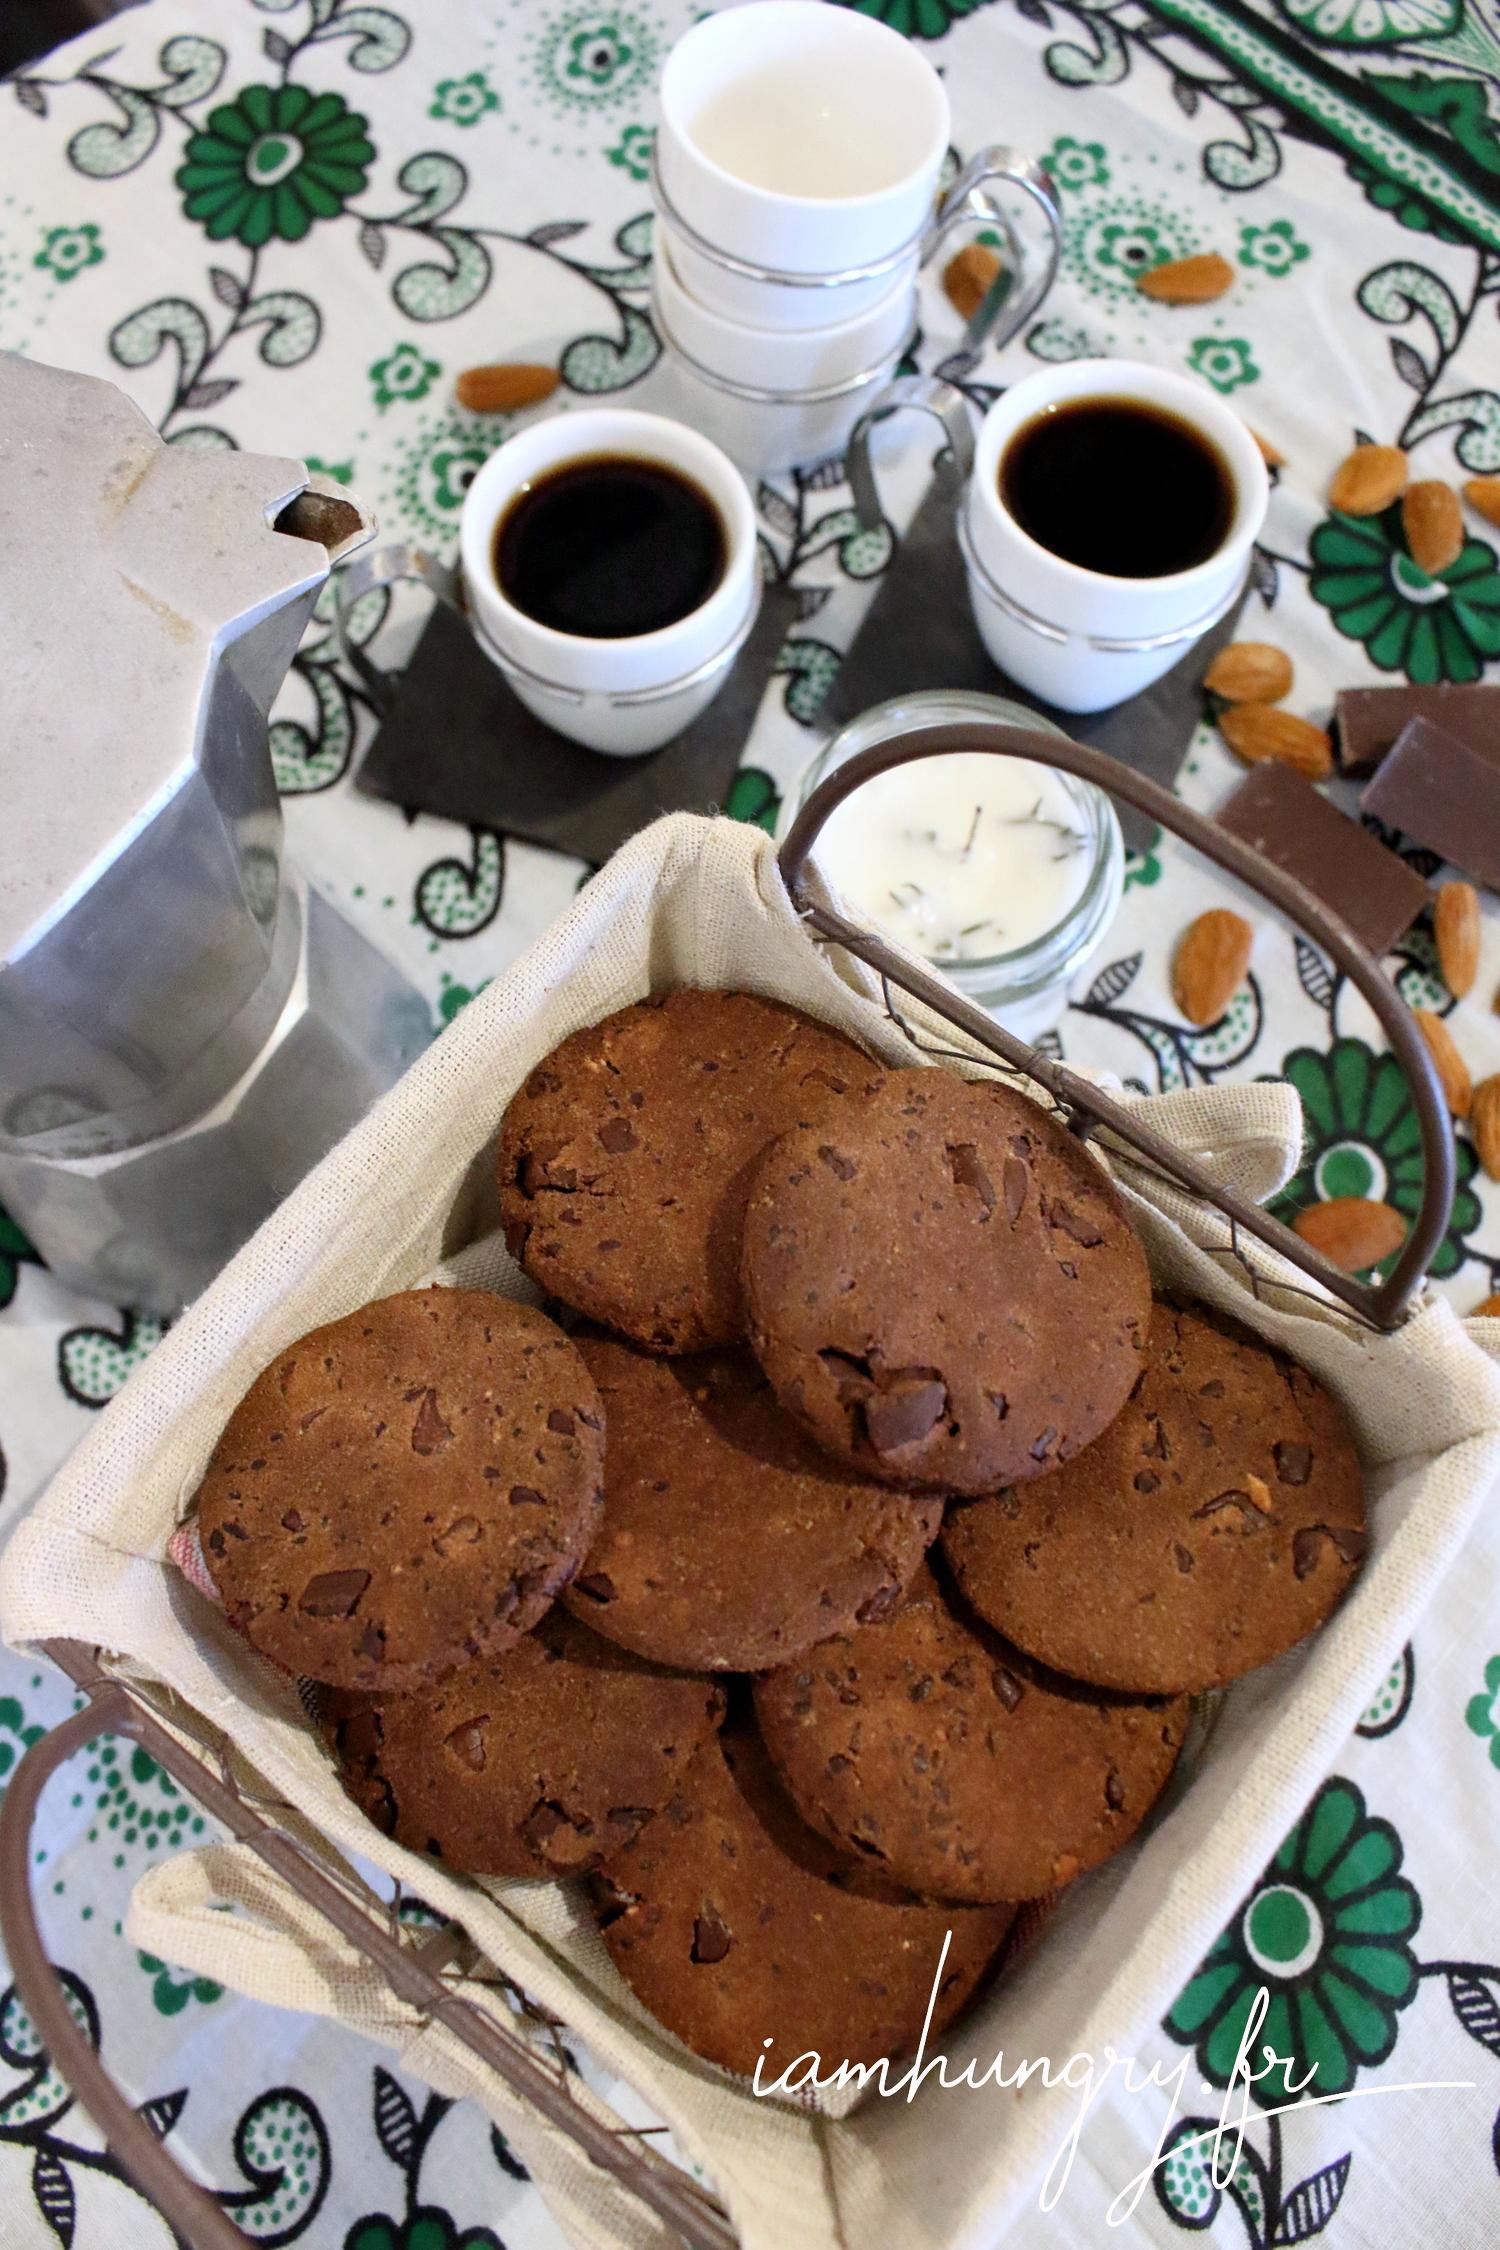 Biscuits à l'okara et au chocolat